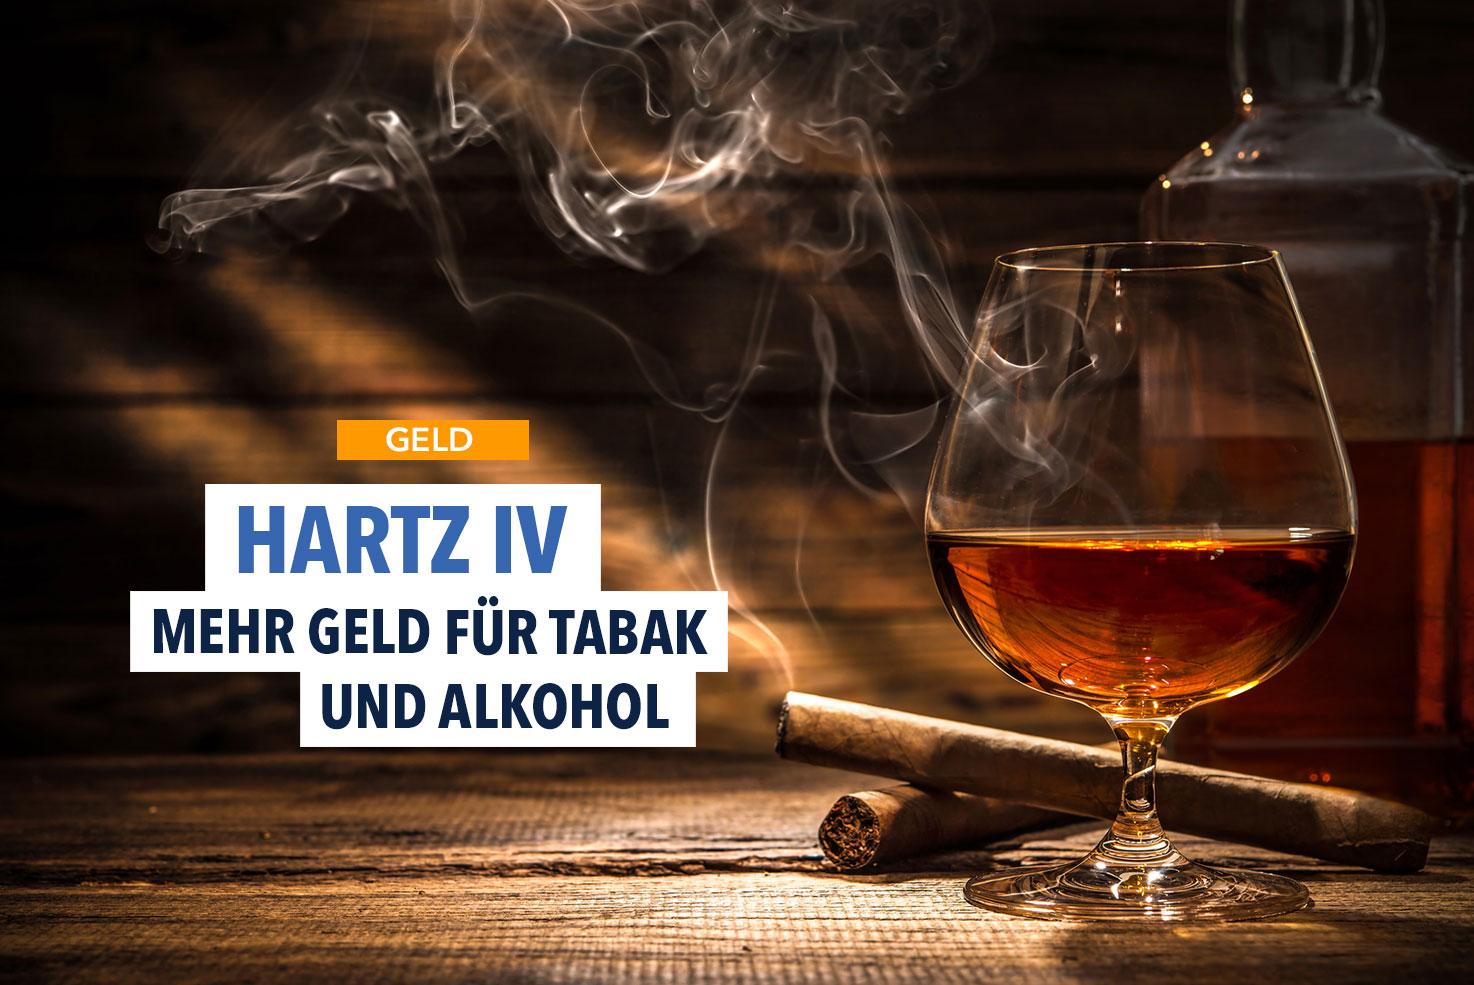 Hartz-Mehr-Geld-fuer-Tabak-und-Alkohol